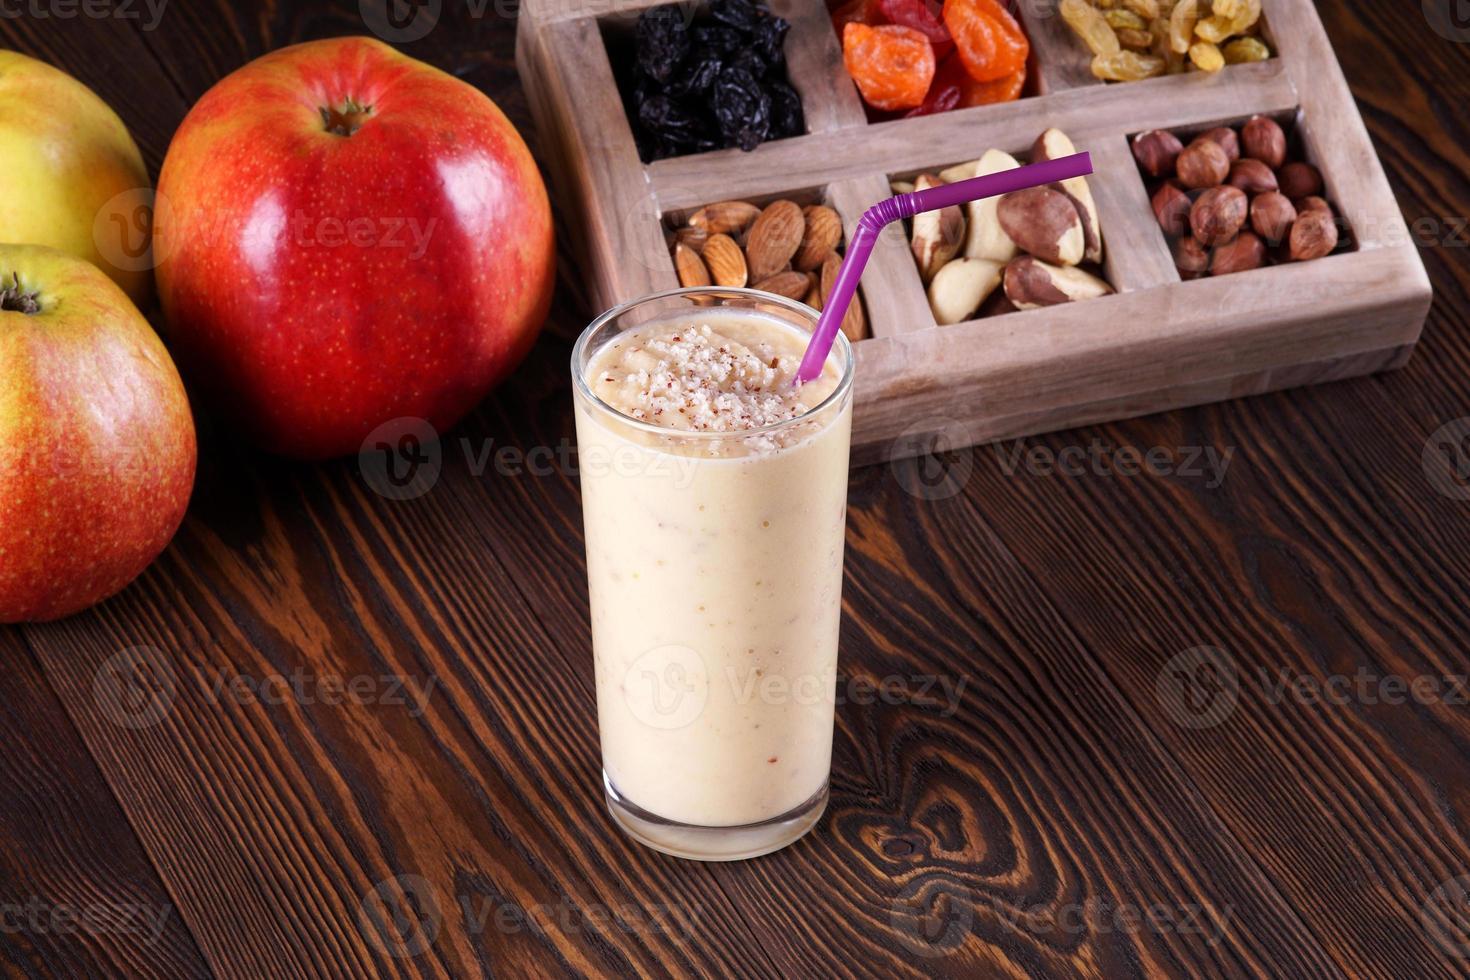 Apple smoothie photo